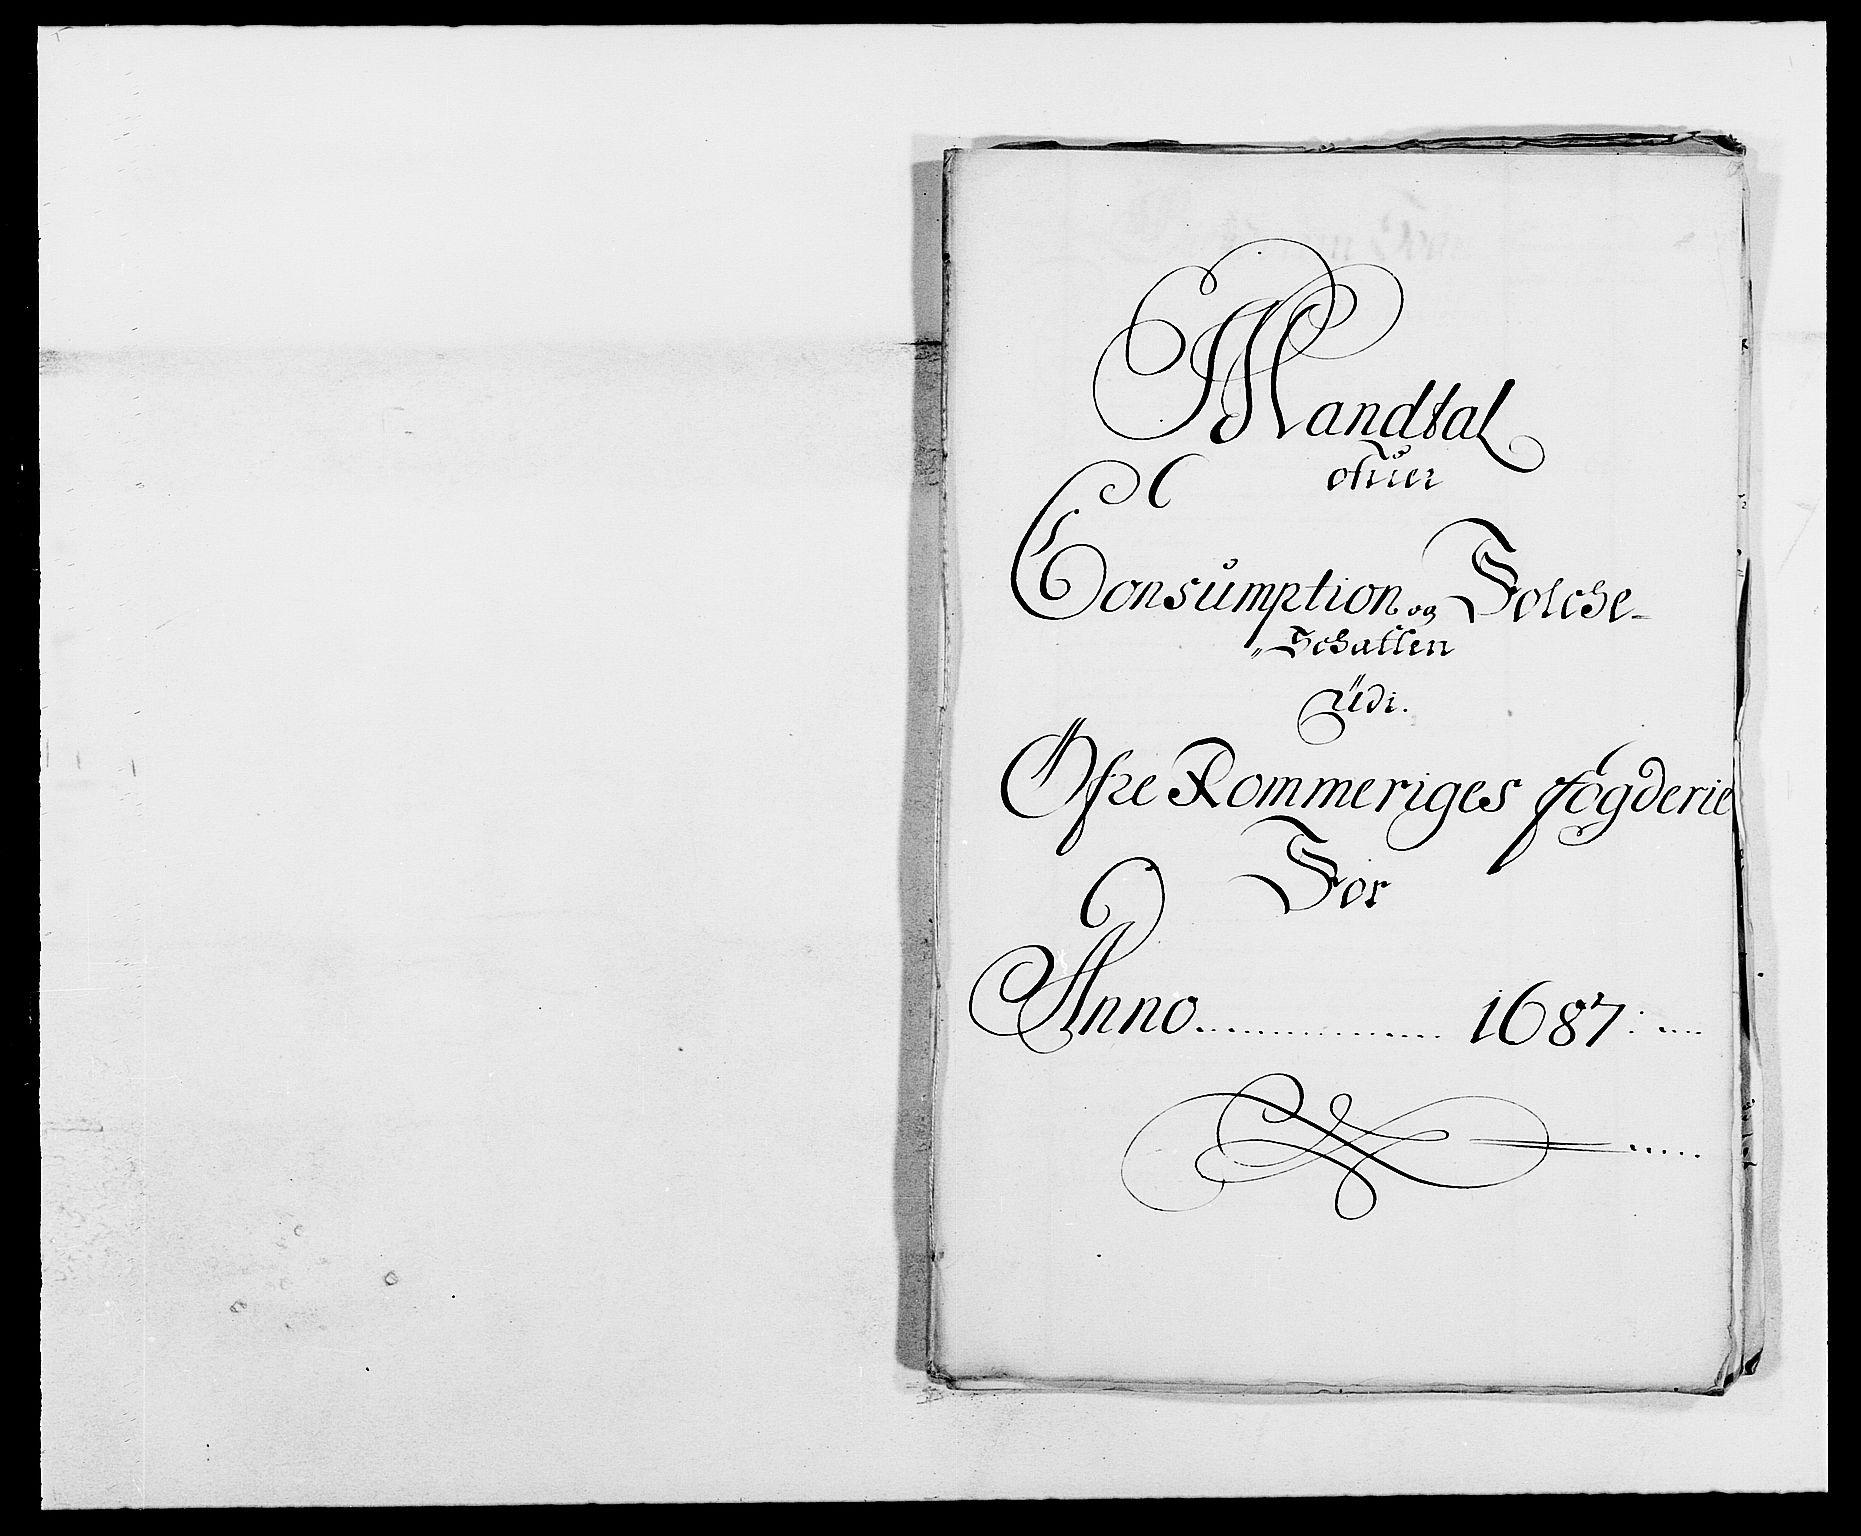 RA, Rentekammeret inntil 1814, Reviderte regnskaper, Fogderegnskap, R12/L0700: Fogderegnskap Øvre Romerike, 1687-1688, s. 148